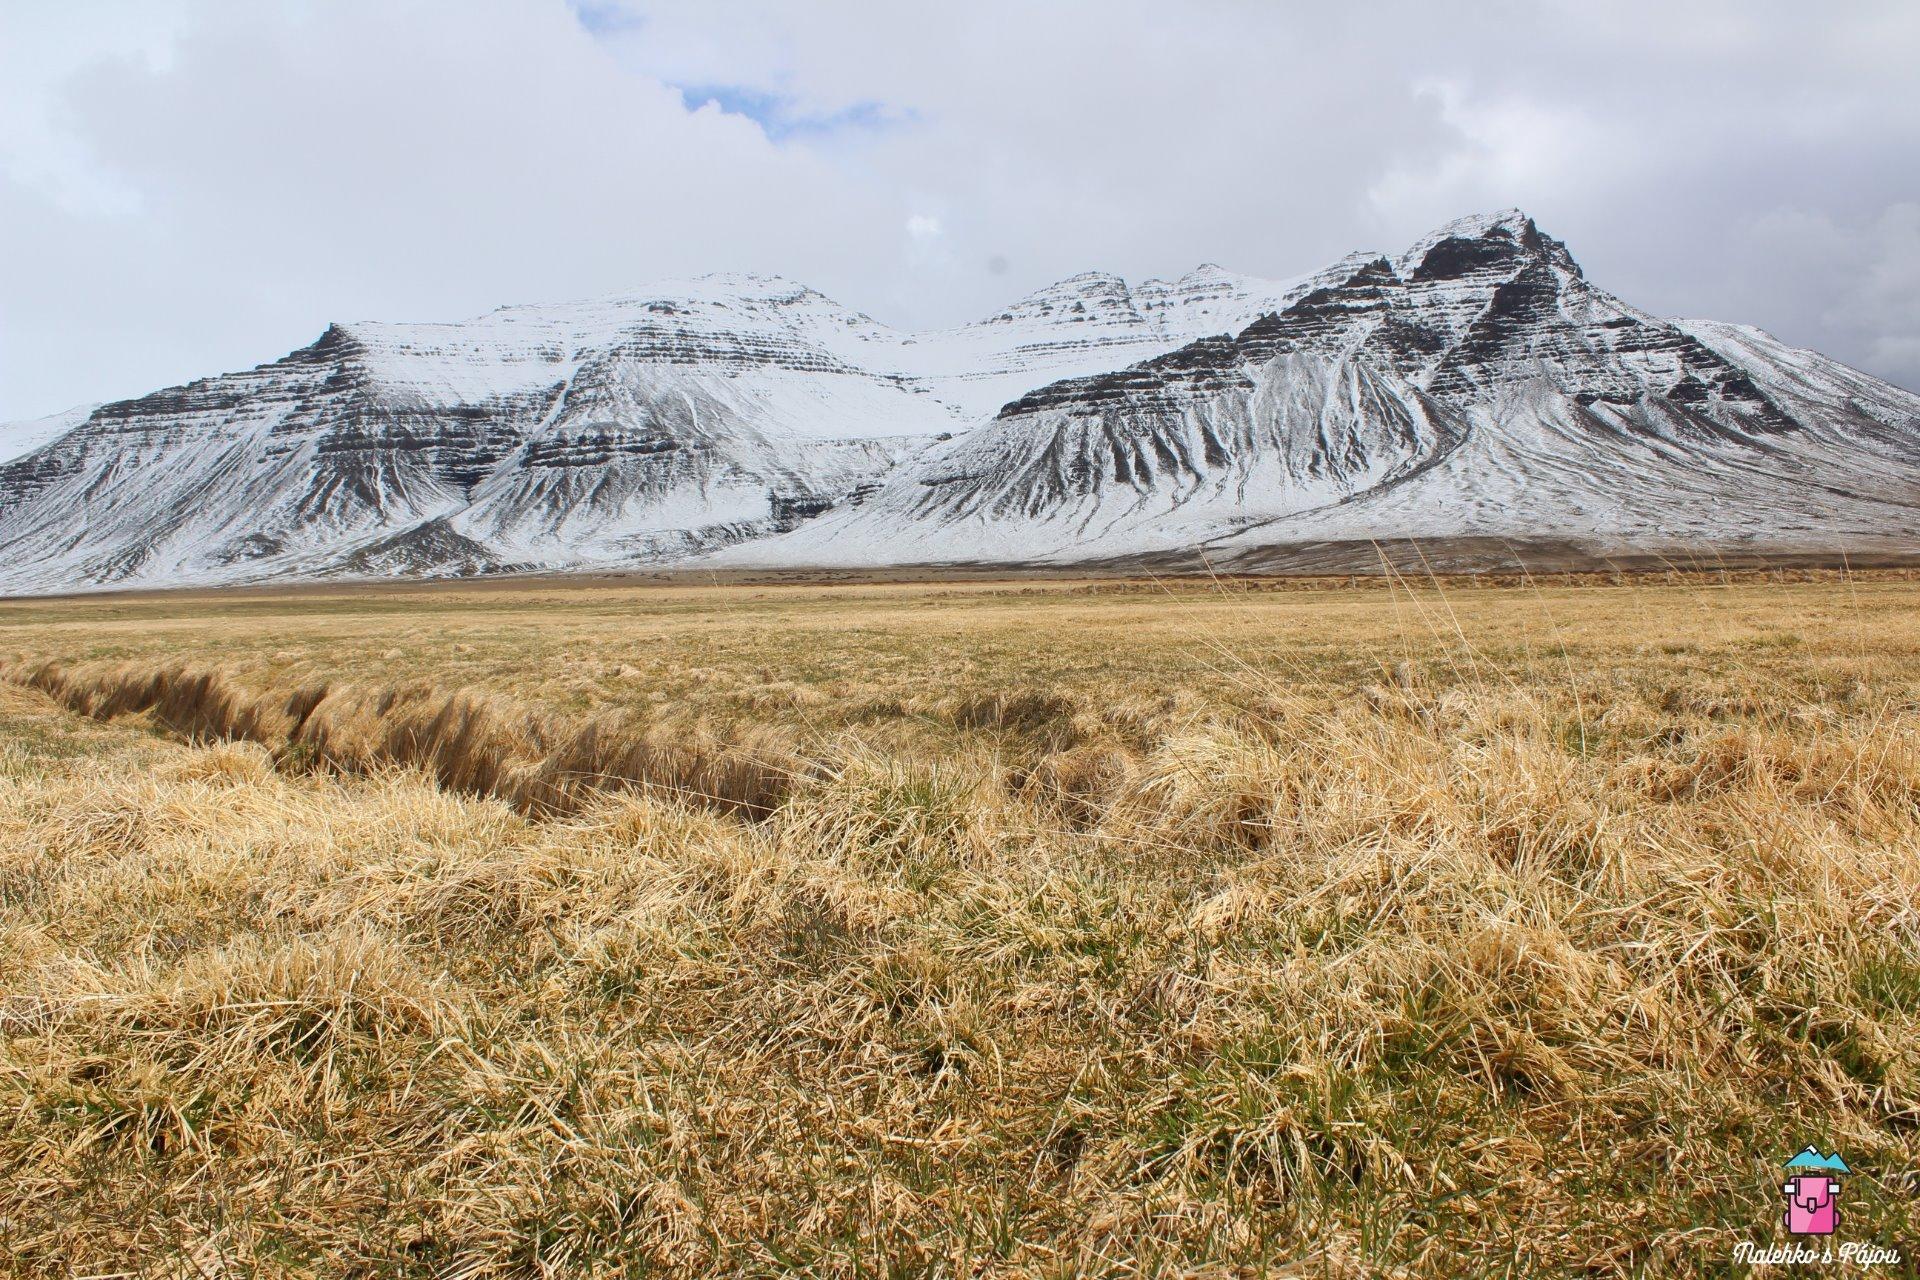 Suchá tráva, sníh, hory....ty barvy jsou prostě úžasný